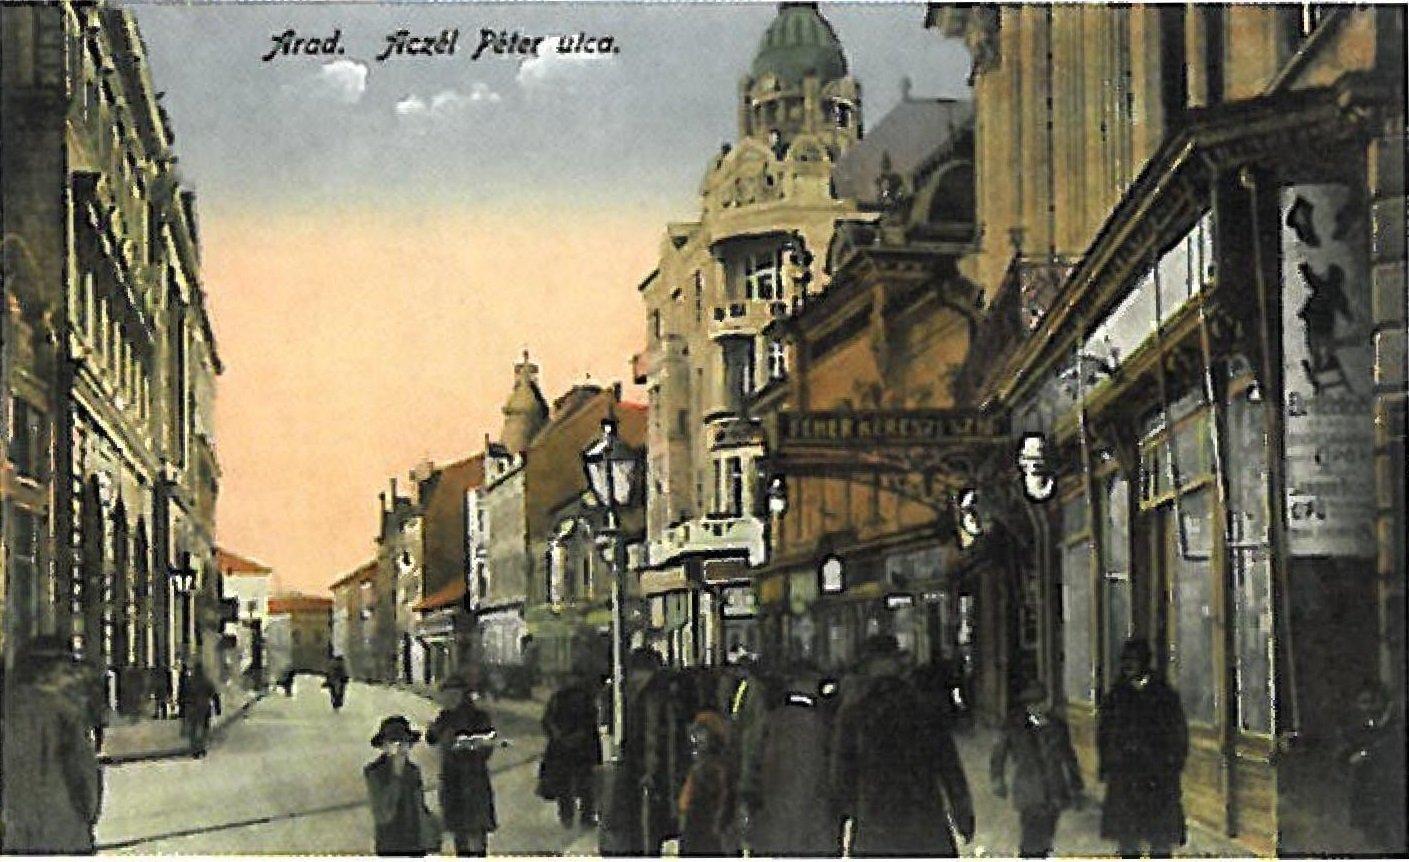 Aradi Feher Kereszt szalloda 1900